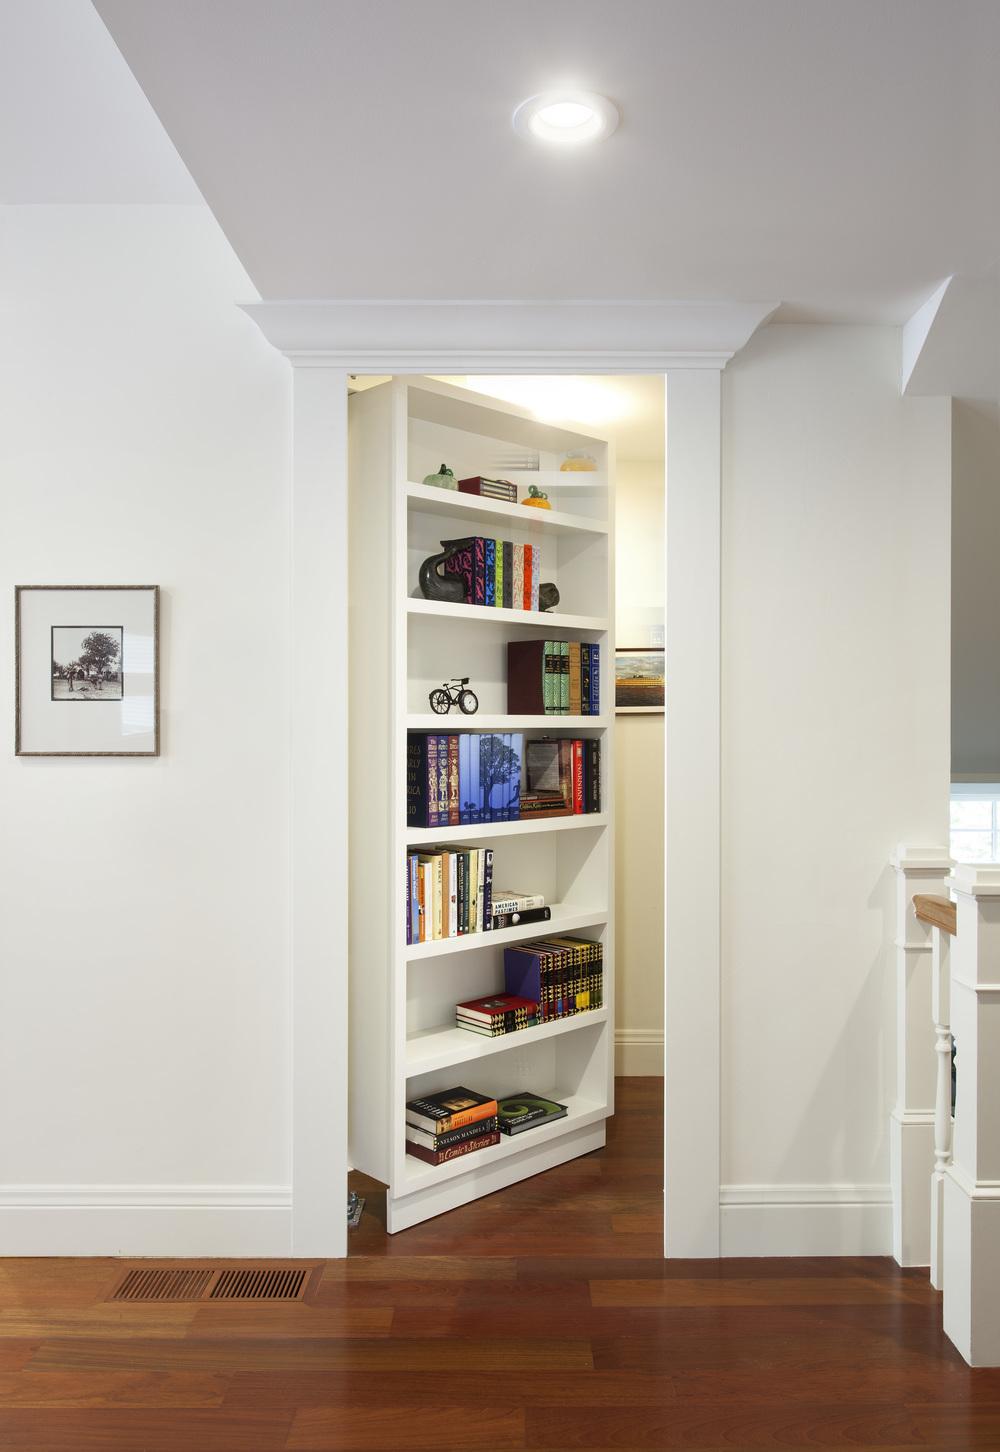 010 Bookshelf Door Open_8x10 version_jpg.jpg